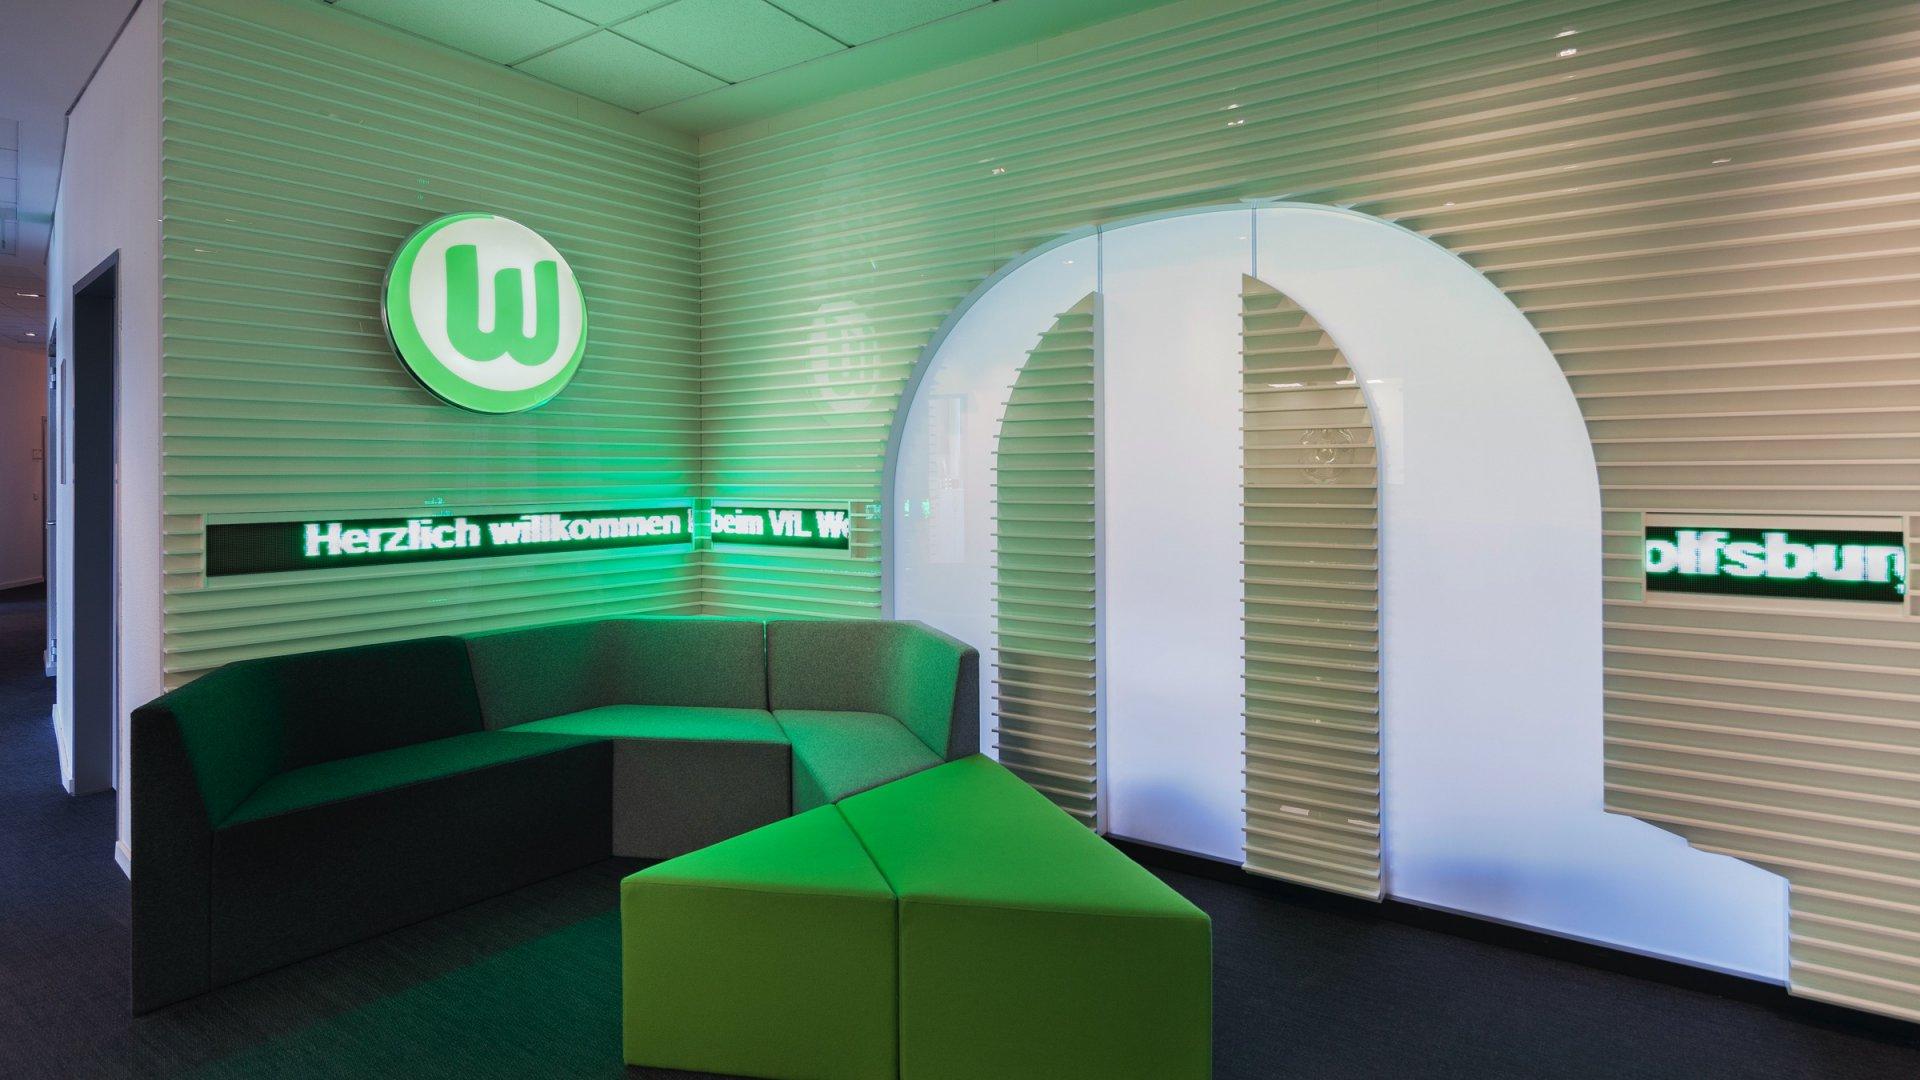 Vfl Wolfsburg x Maurice Lacroix